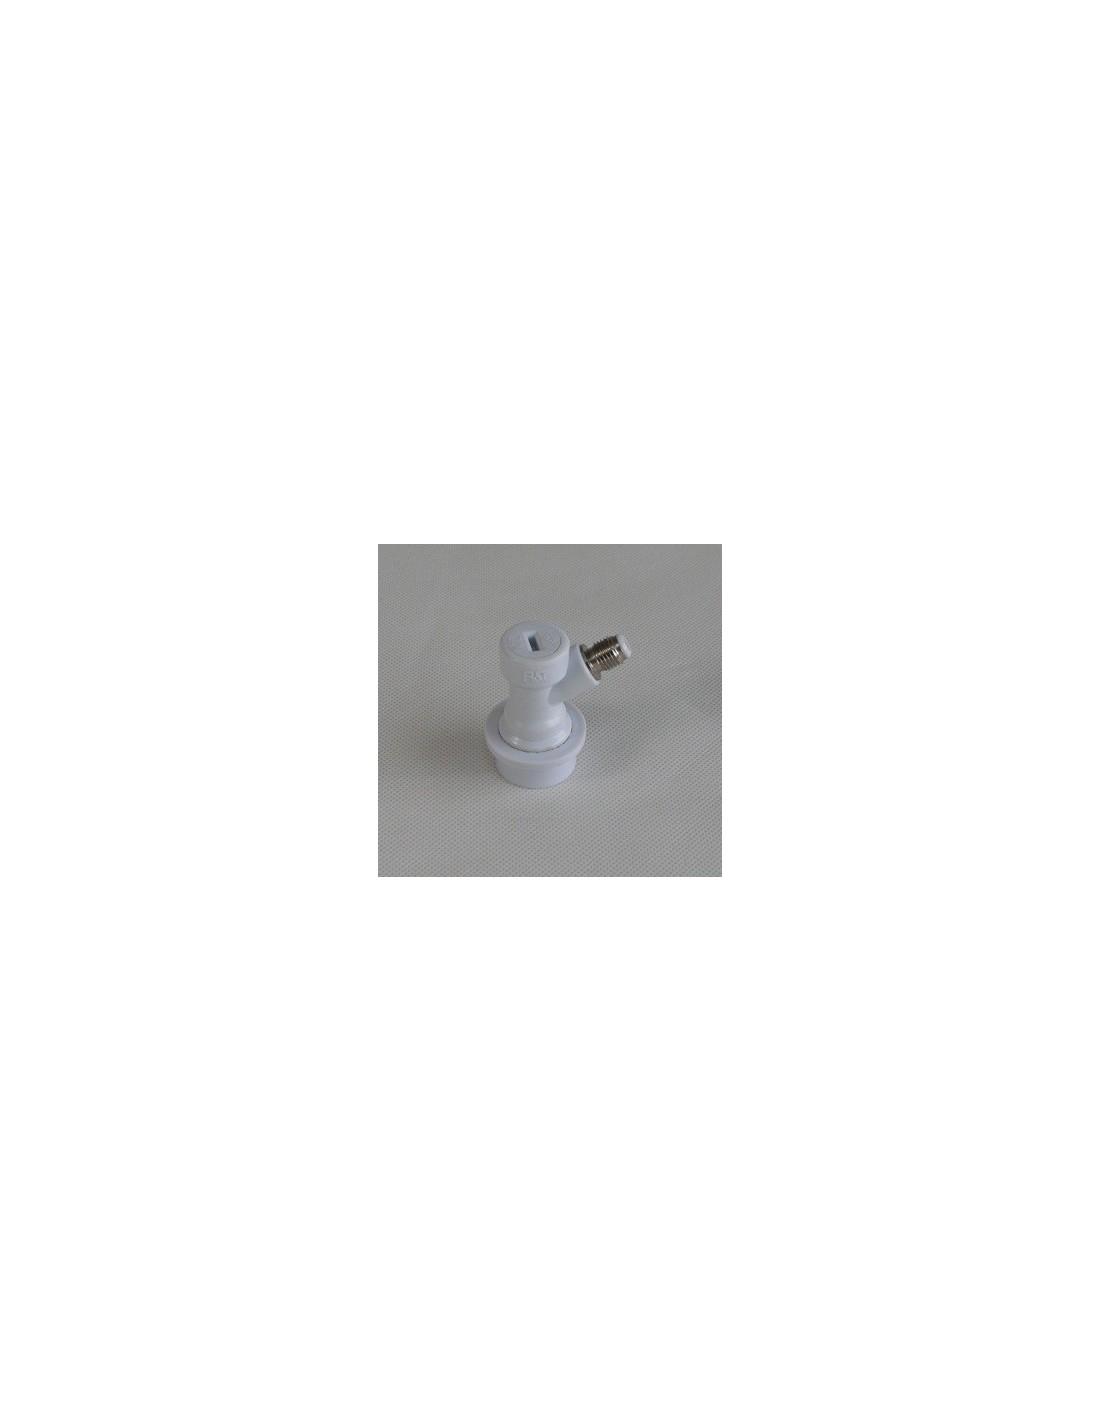 UPP00058 - Fatkoppling - Kulkoppling corneliusfat gängad för gas